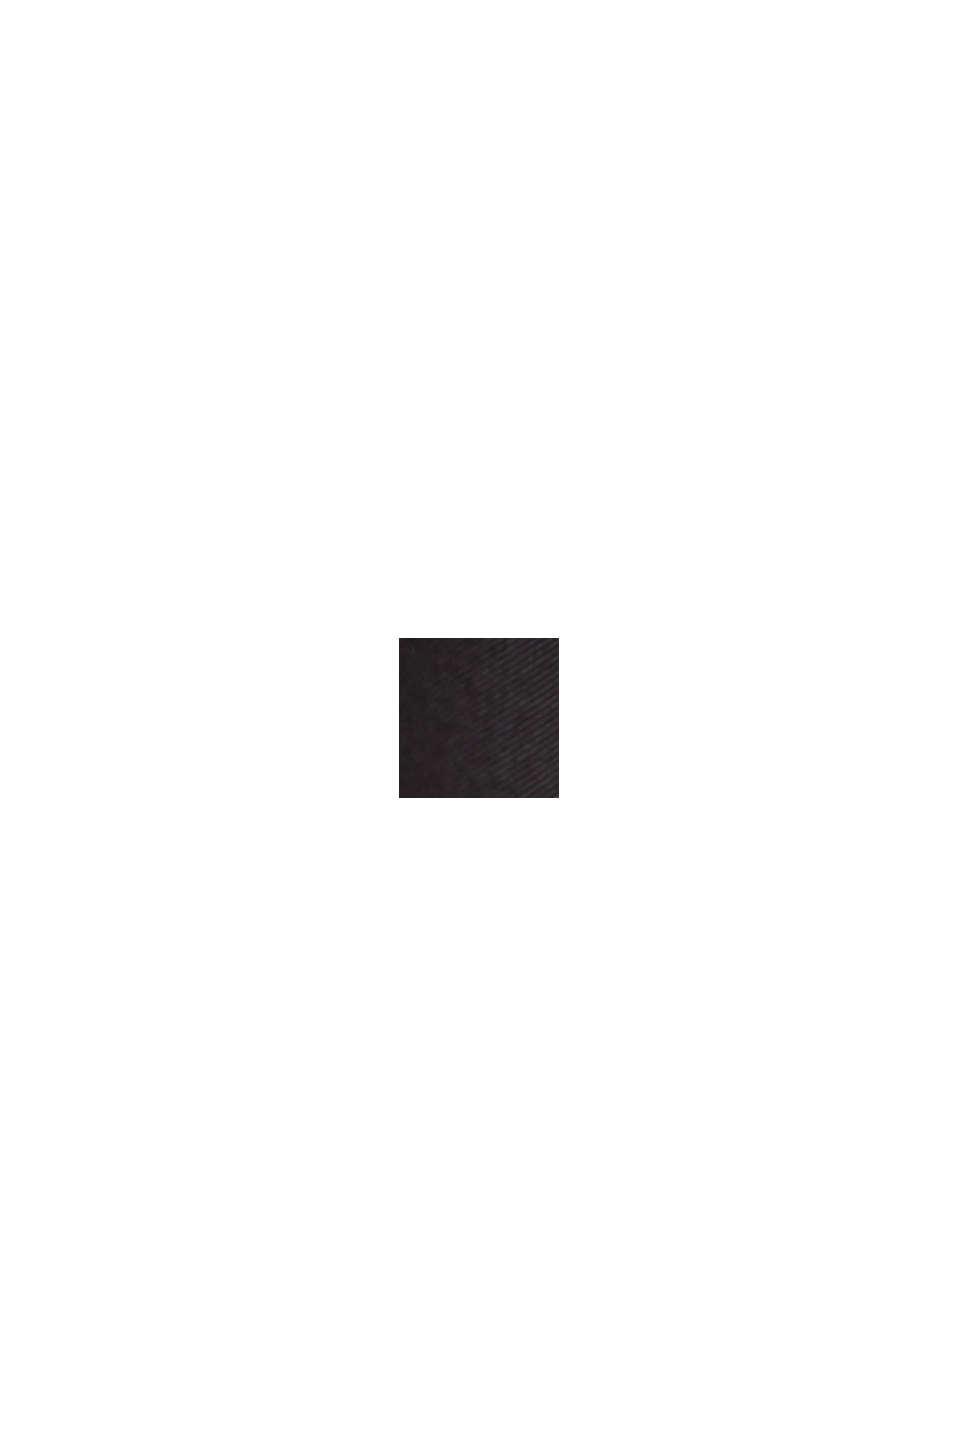 Jupe longueur midi d'aspect portefeuille, LENZING™ ECOVERO™, BLACK, swatch